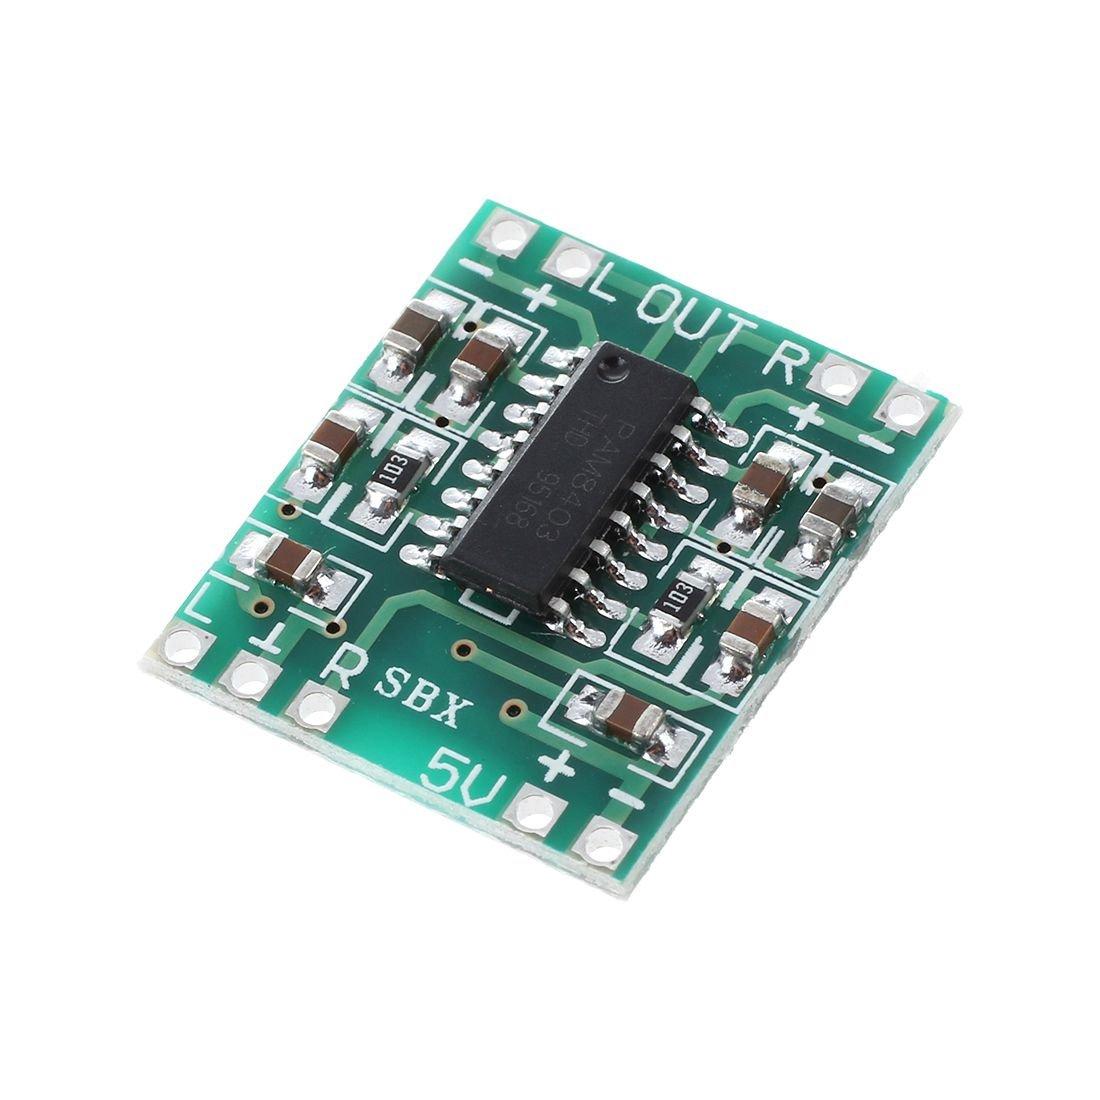 SODIAL PAM8403 Audio Module USB DC 5V Class D digital amplifier Amplifier Board LCD